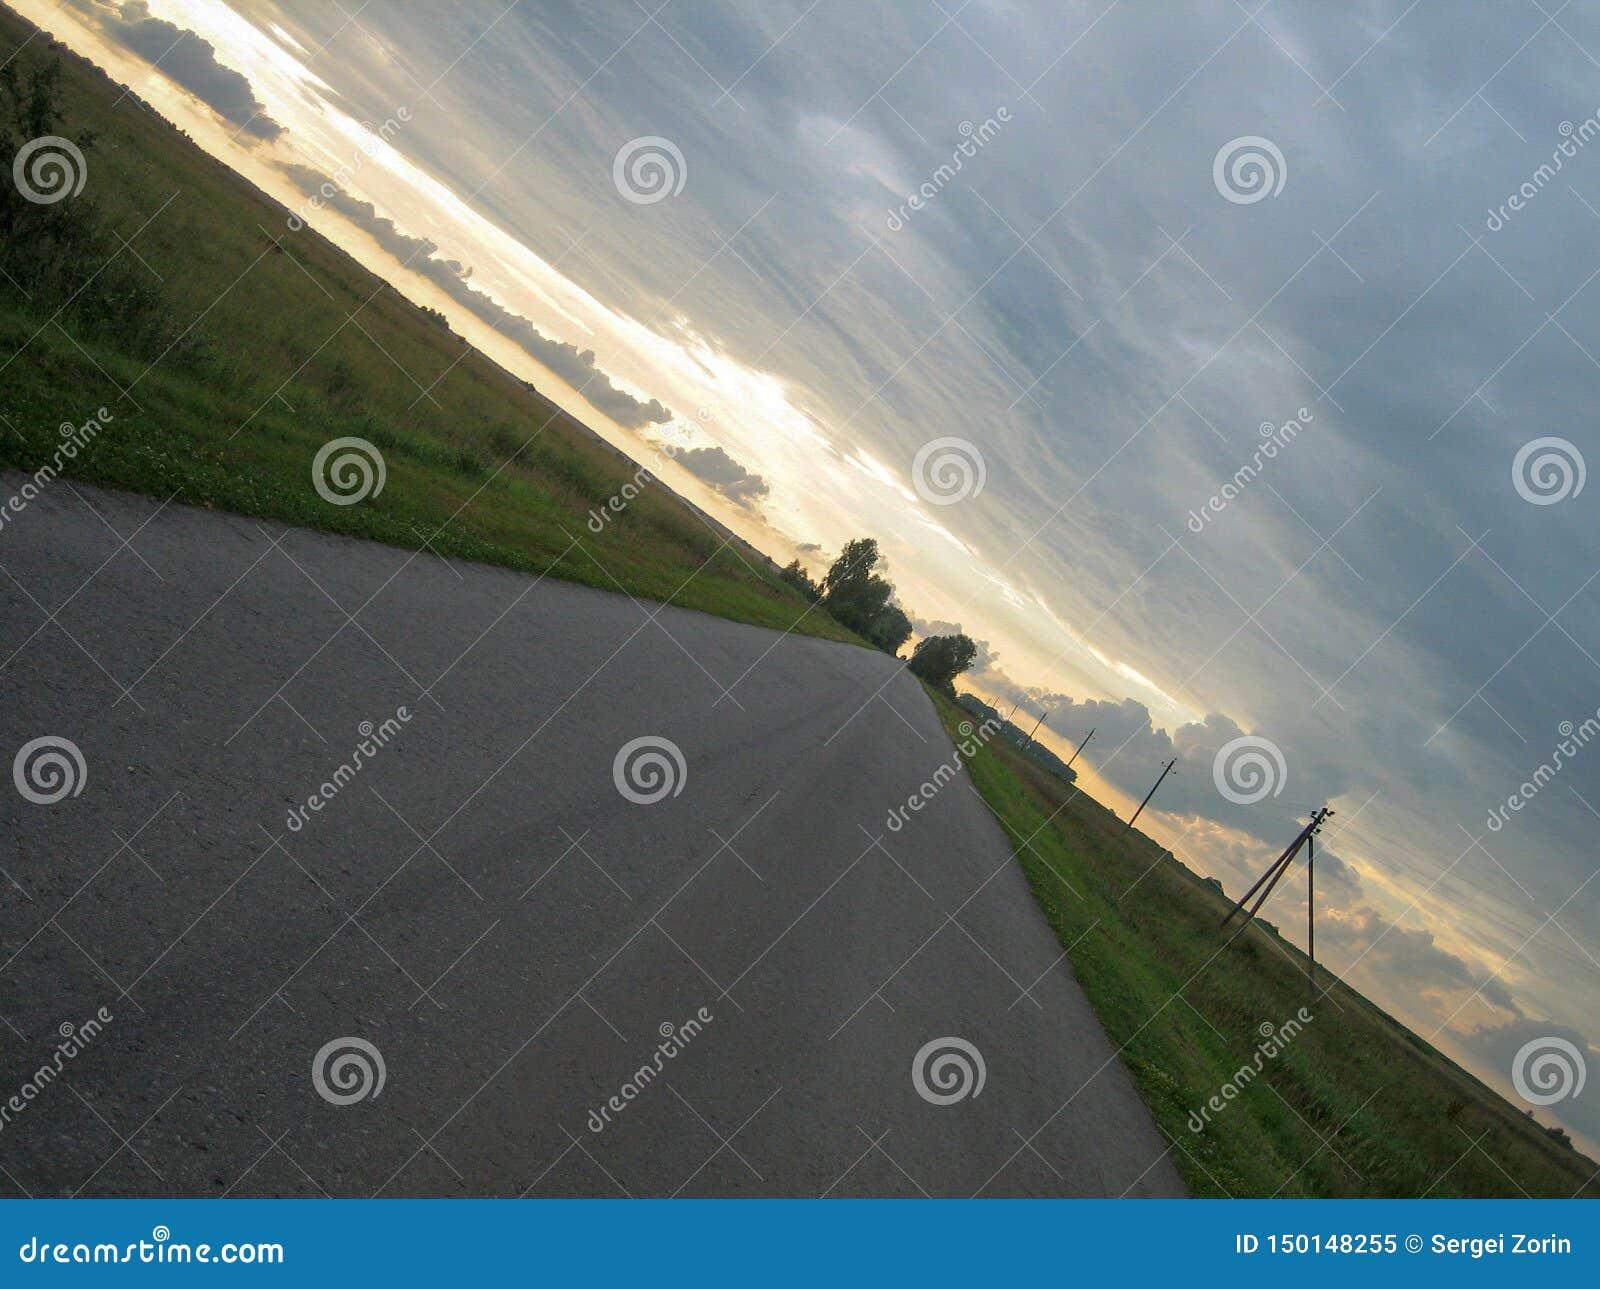 Ровная прямая дорога асфальта в сельской местности под небом с облаками на заходе солнца